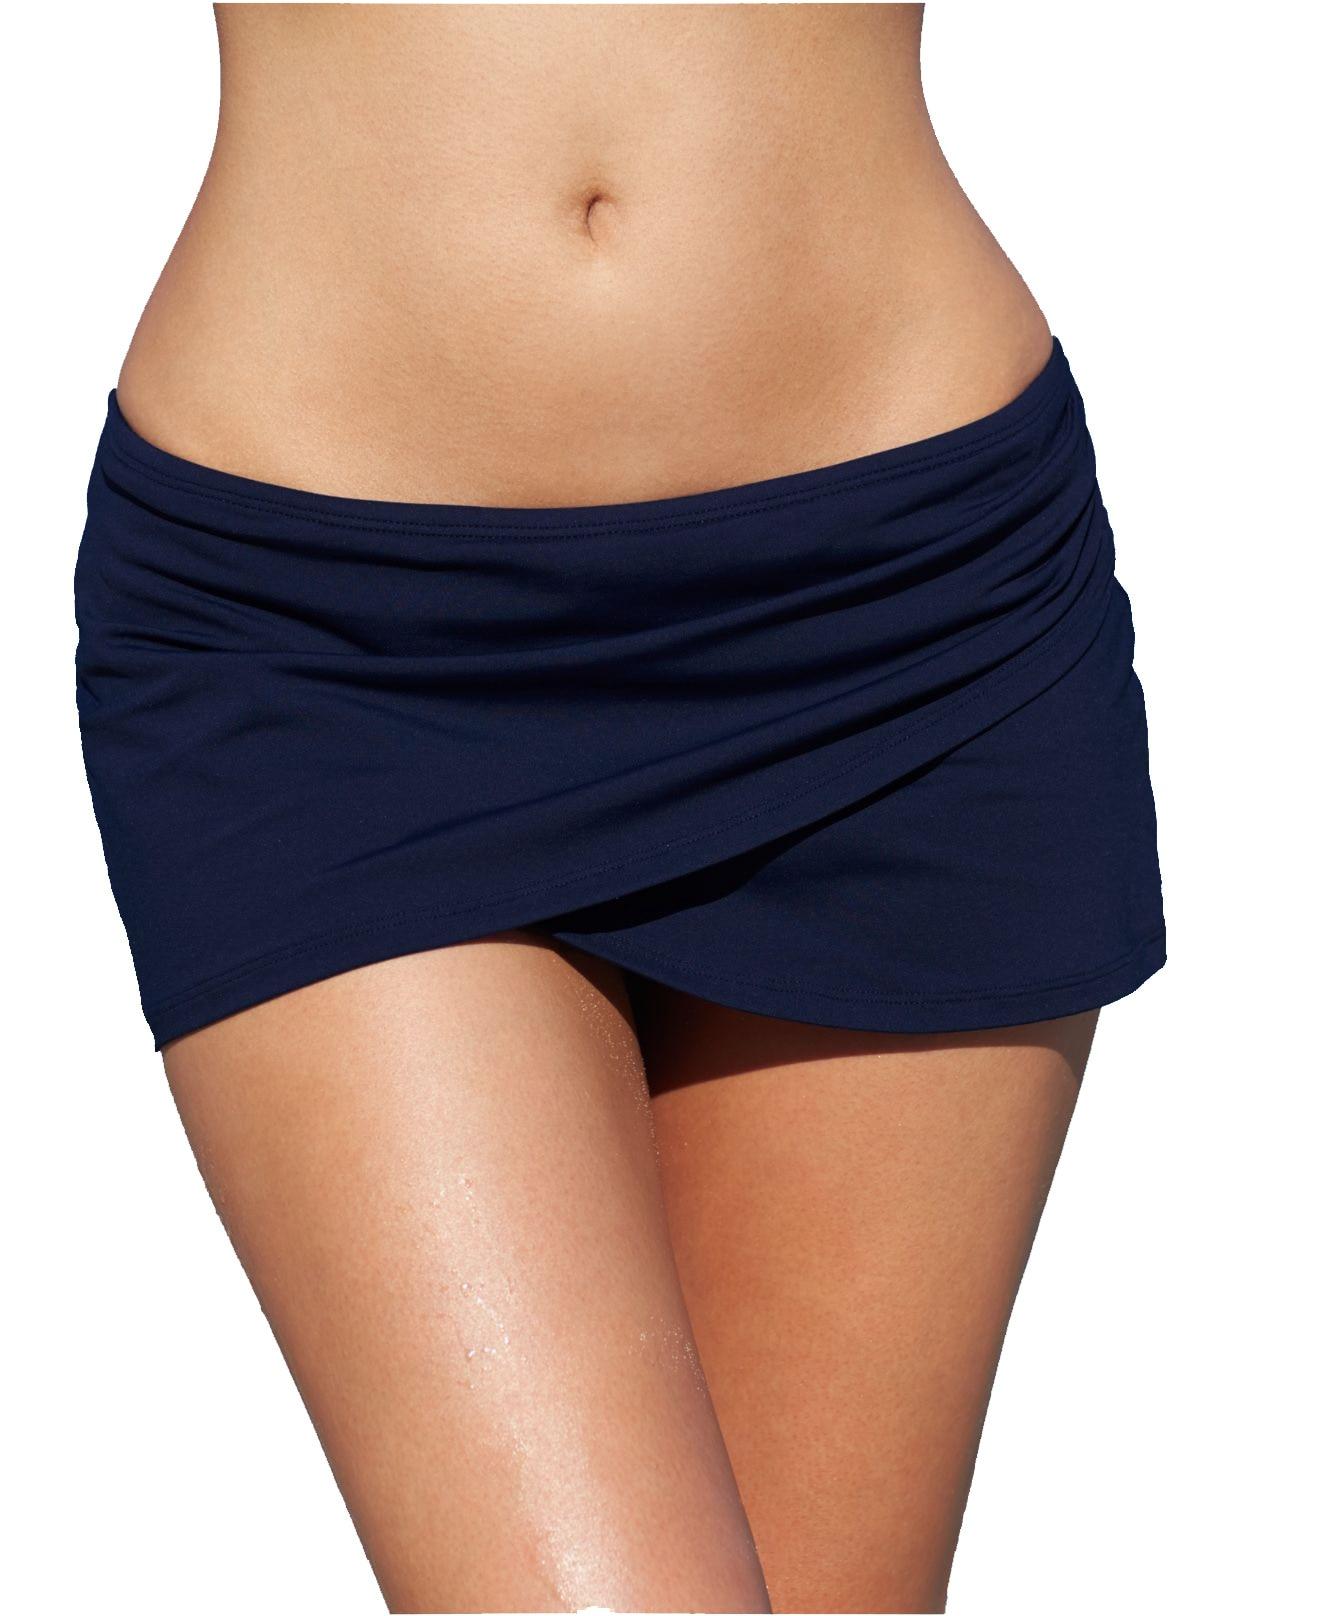 Amazon Fashion Hot Selling Swimdress Beach Skirt Lining Swimming Trunks (jiao Cha Kuan)